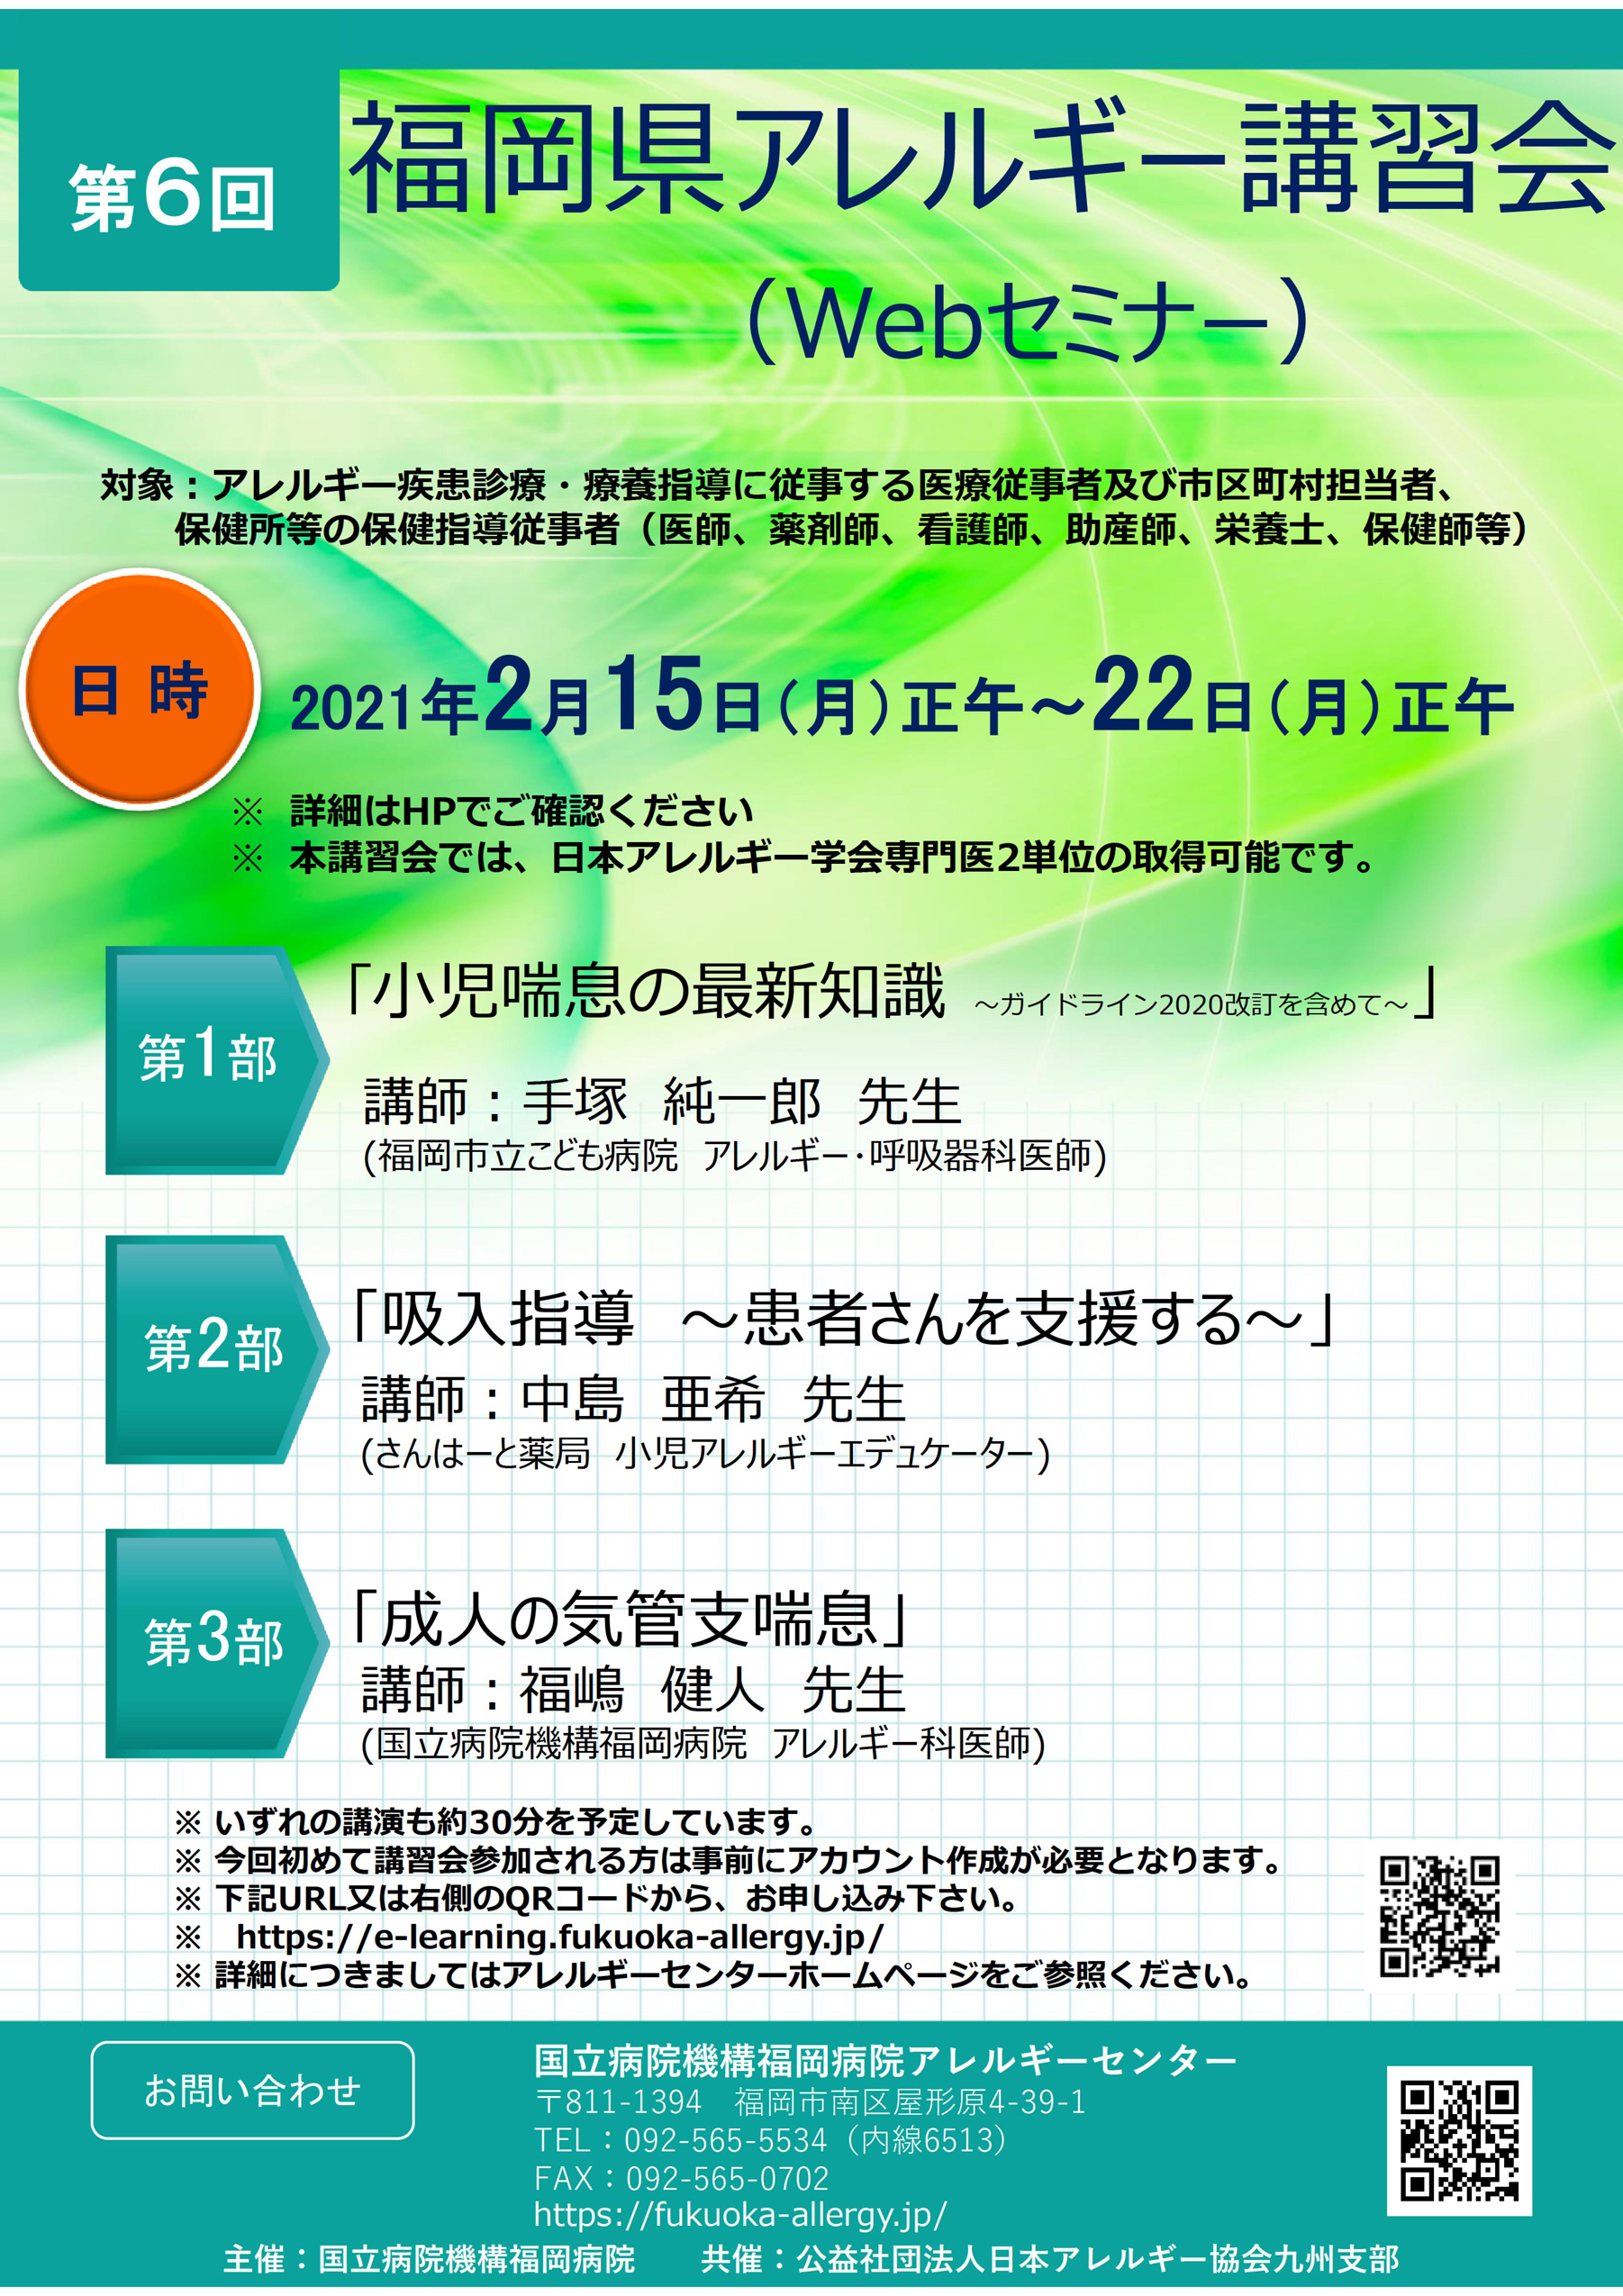 第6回 福岡県アレルギー講習会案内